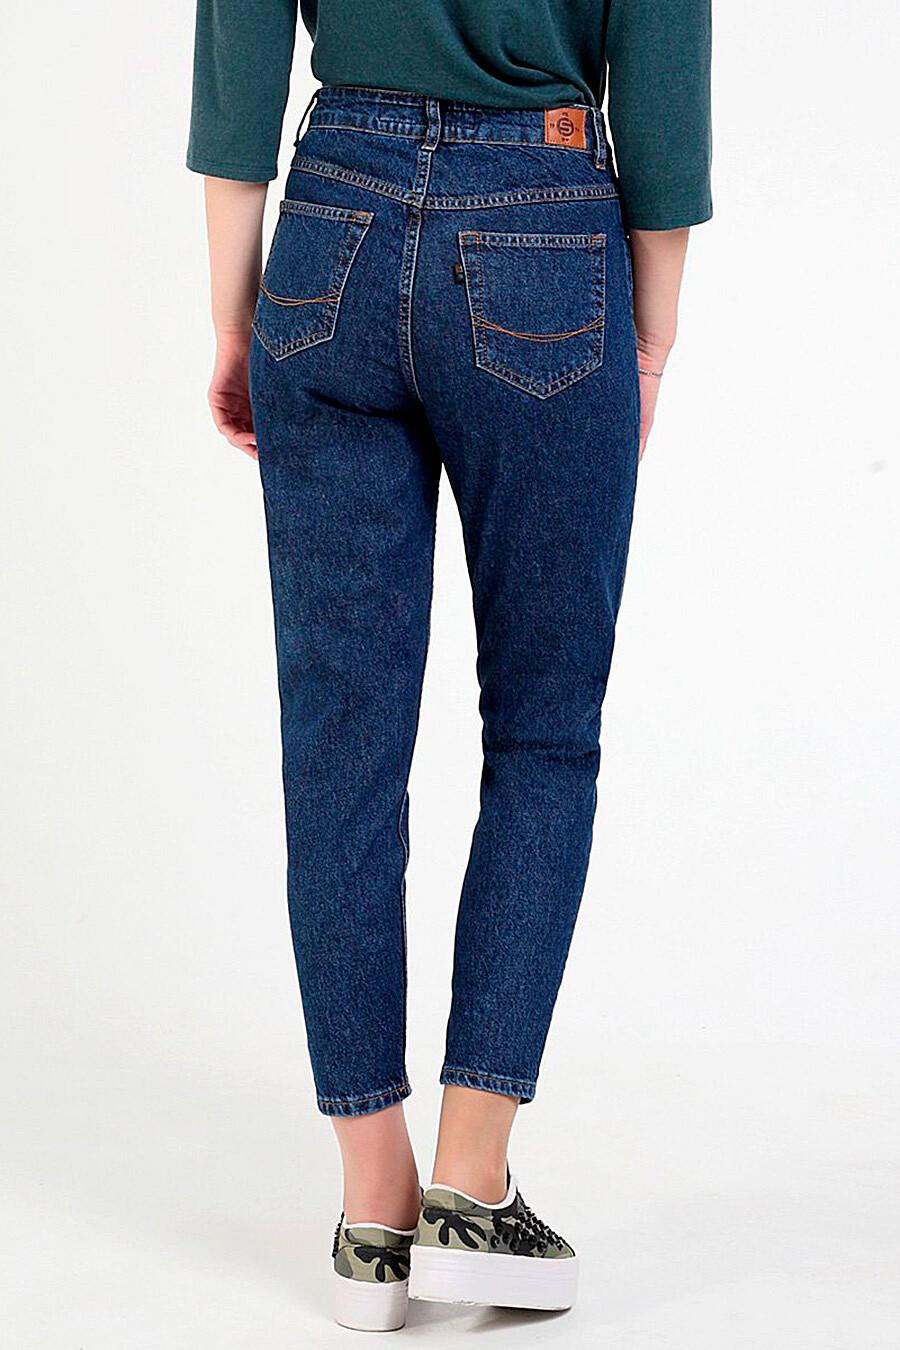 Джинсы для женщин F5 239202 купить оптом от производителя. Совместная покупка женской одежды в OptMoyo